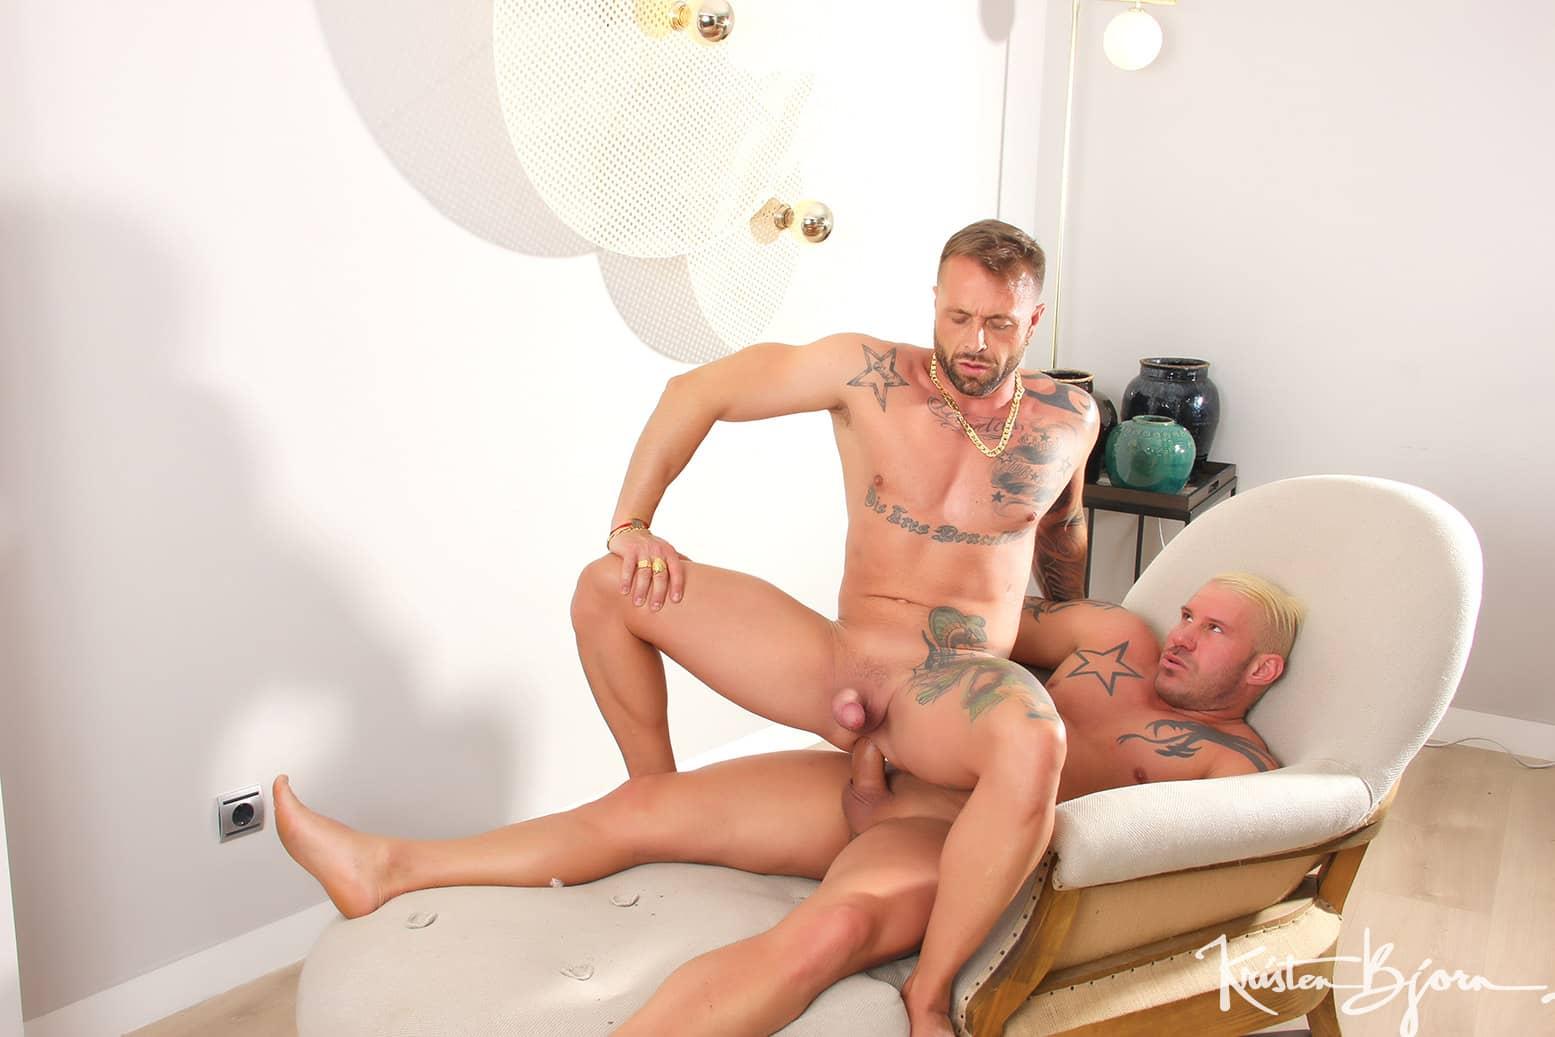 Loving Men – Jony Blond and Frank Valencia